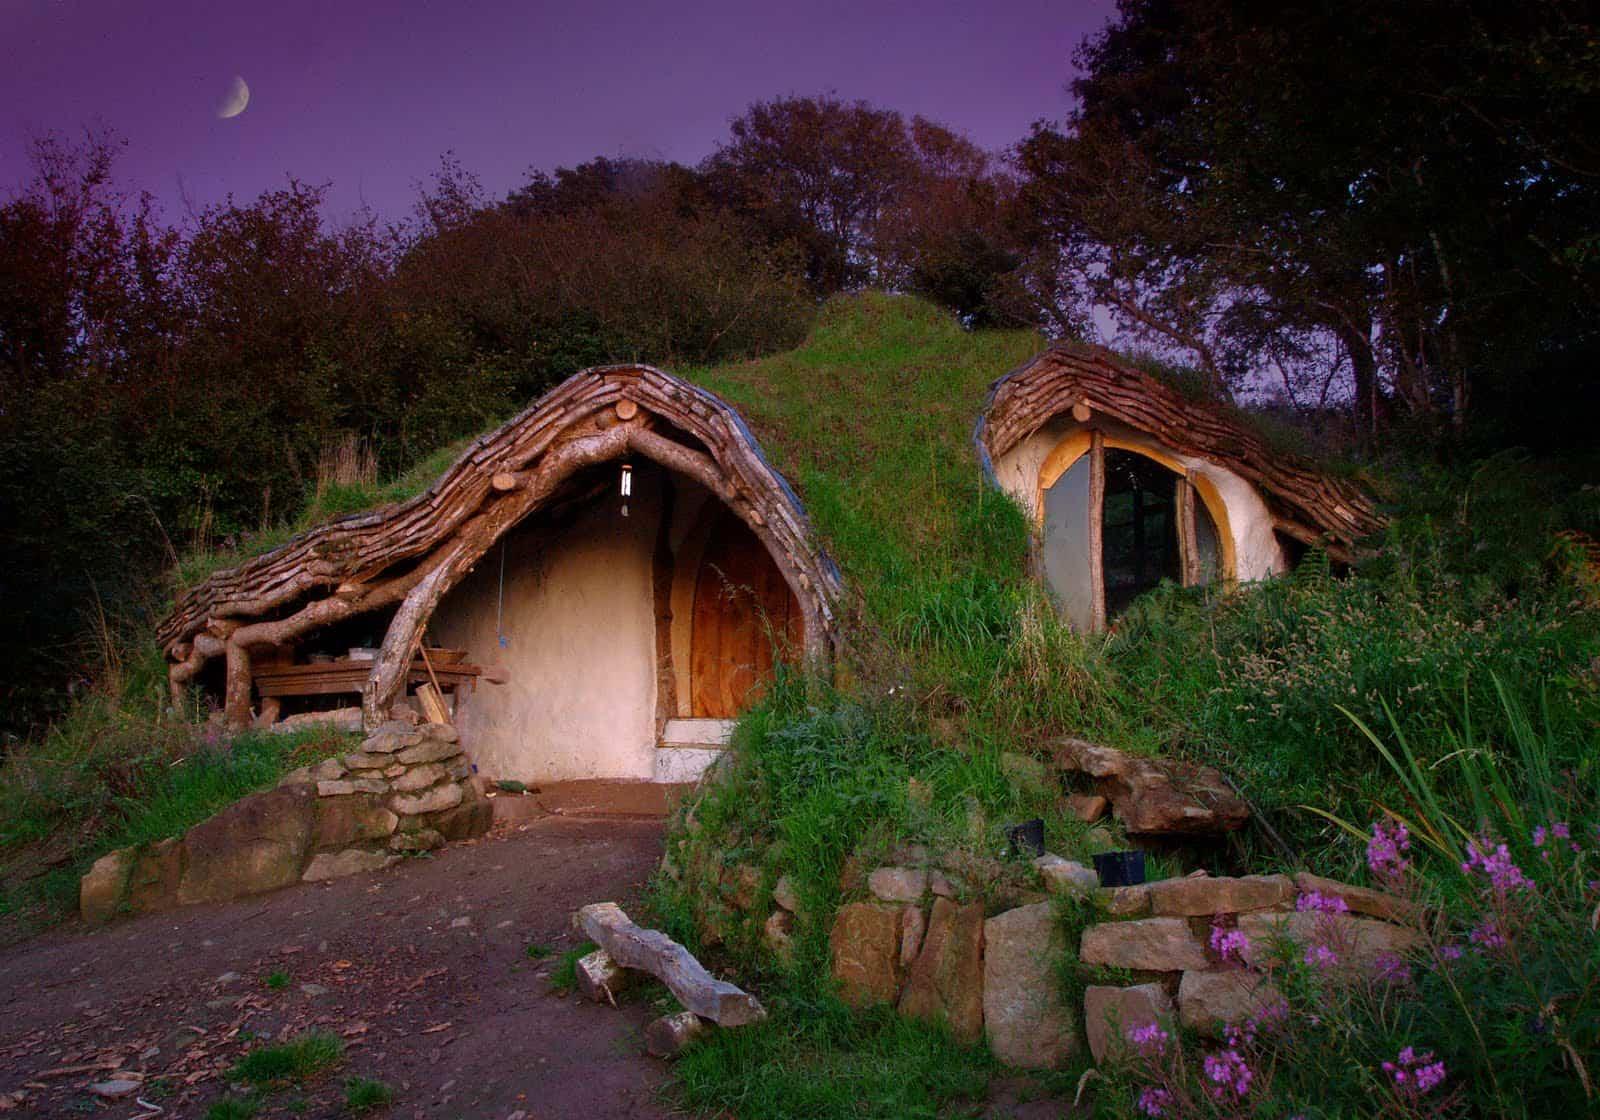 Sú hobitie domčeky ekologickou formou bývania?